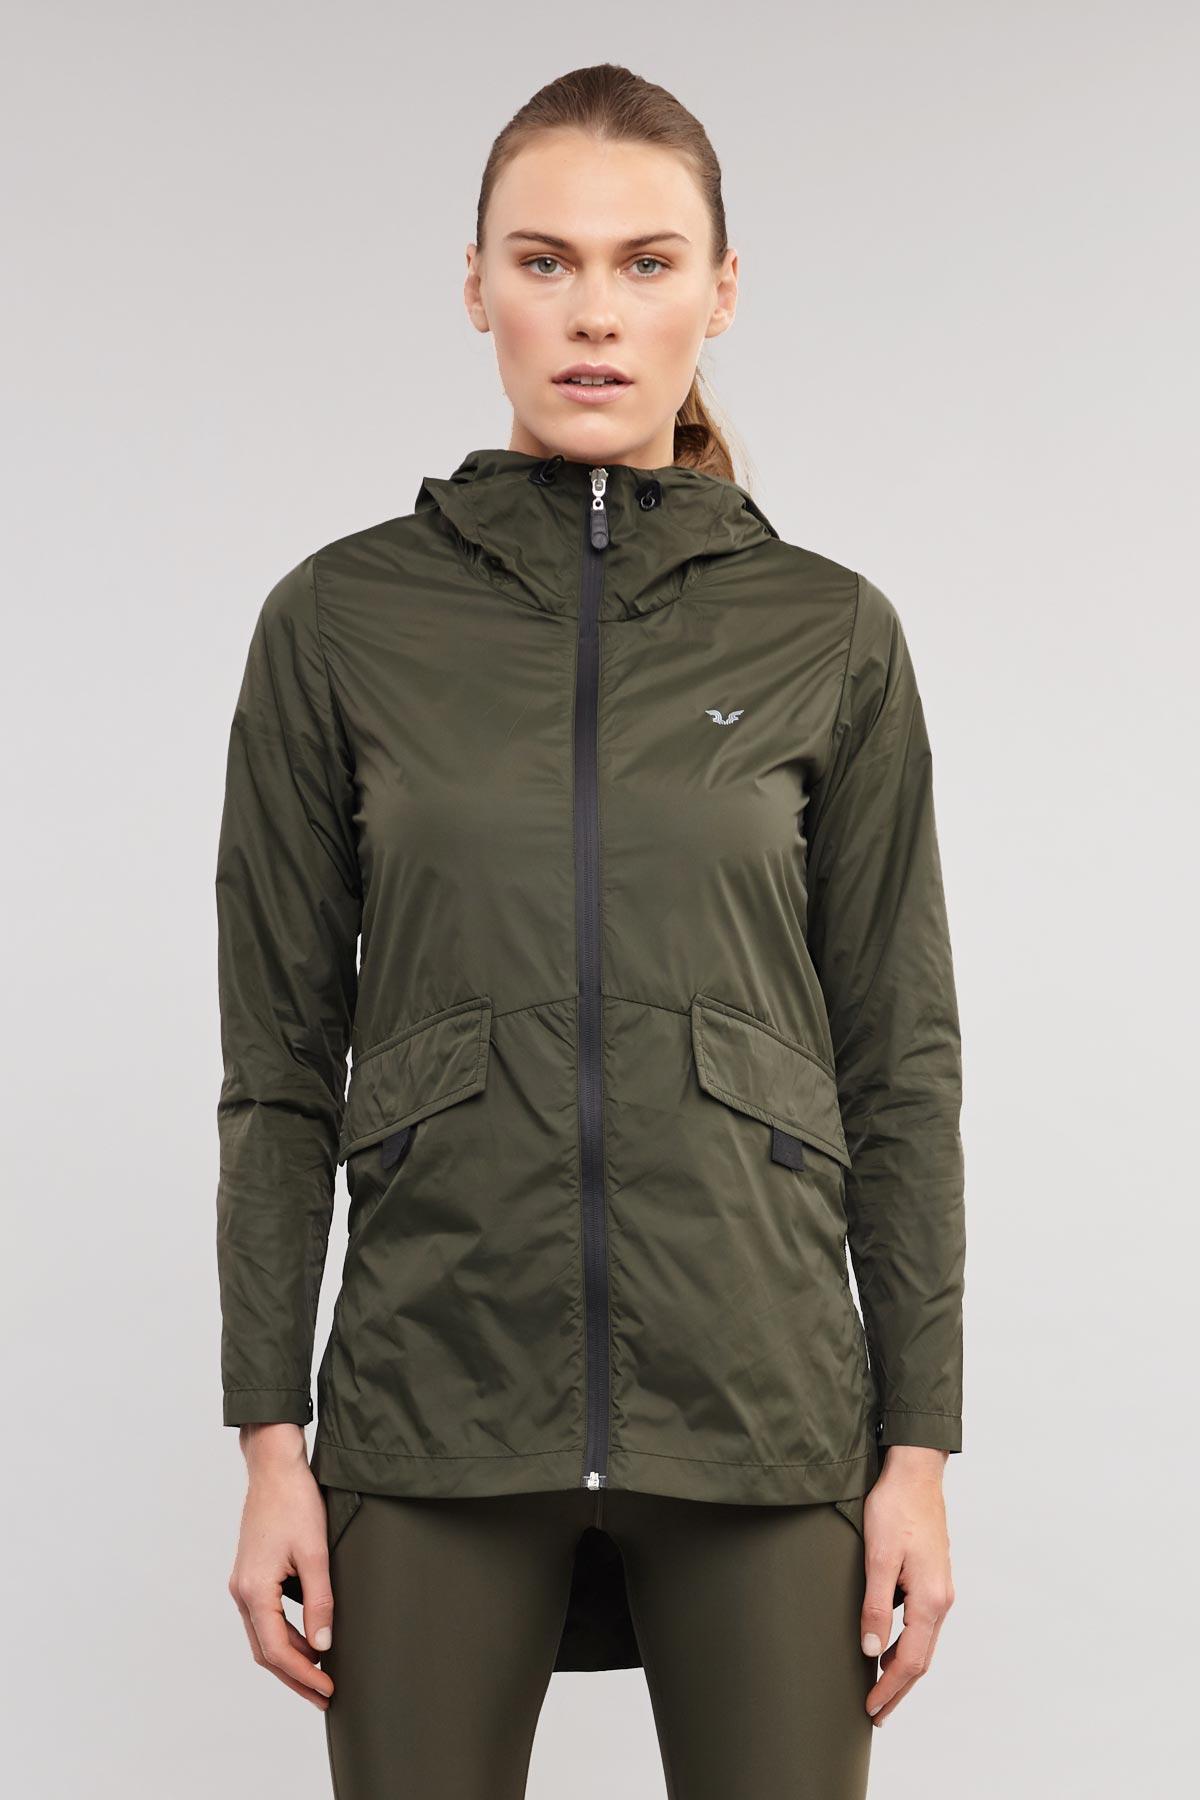 Bilcee Yeşil Kadın Yağmurluk ES-3590 BİLCEE